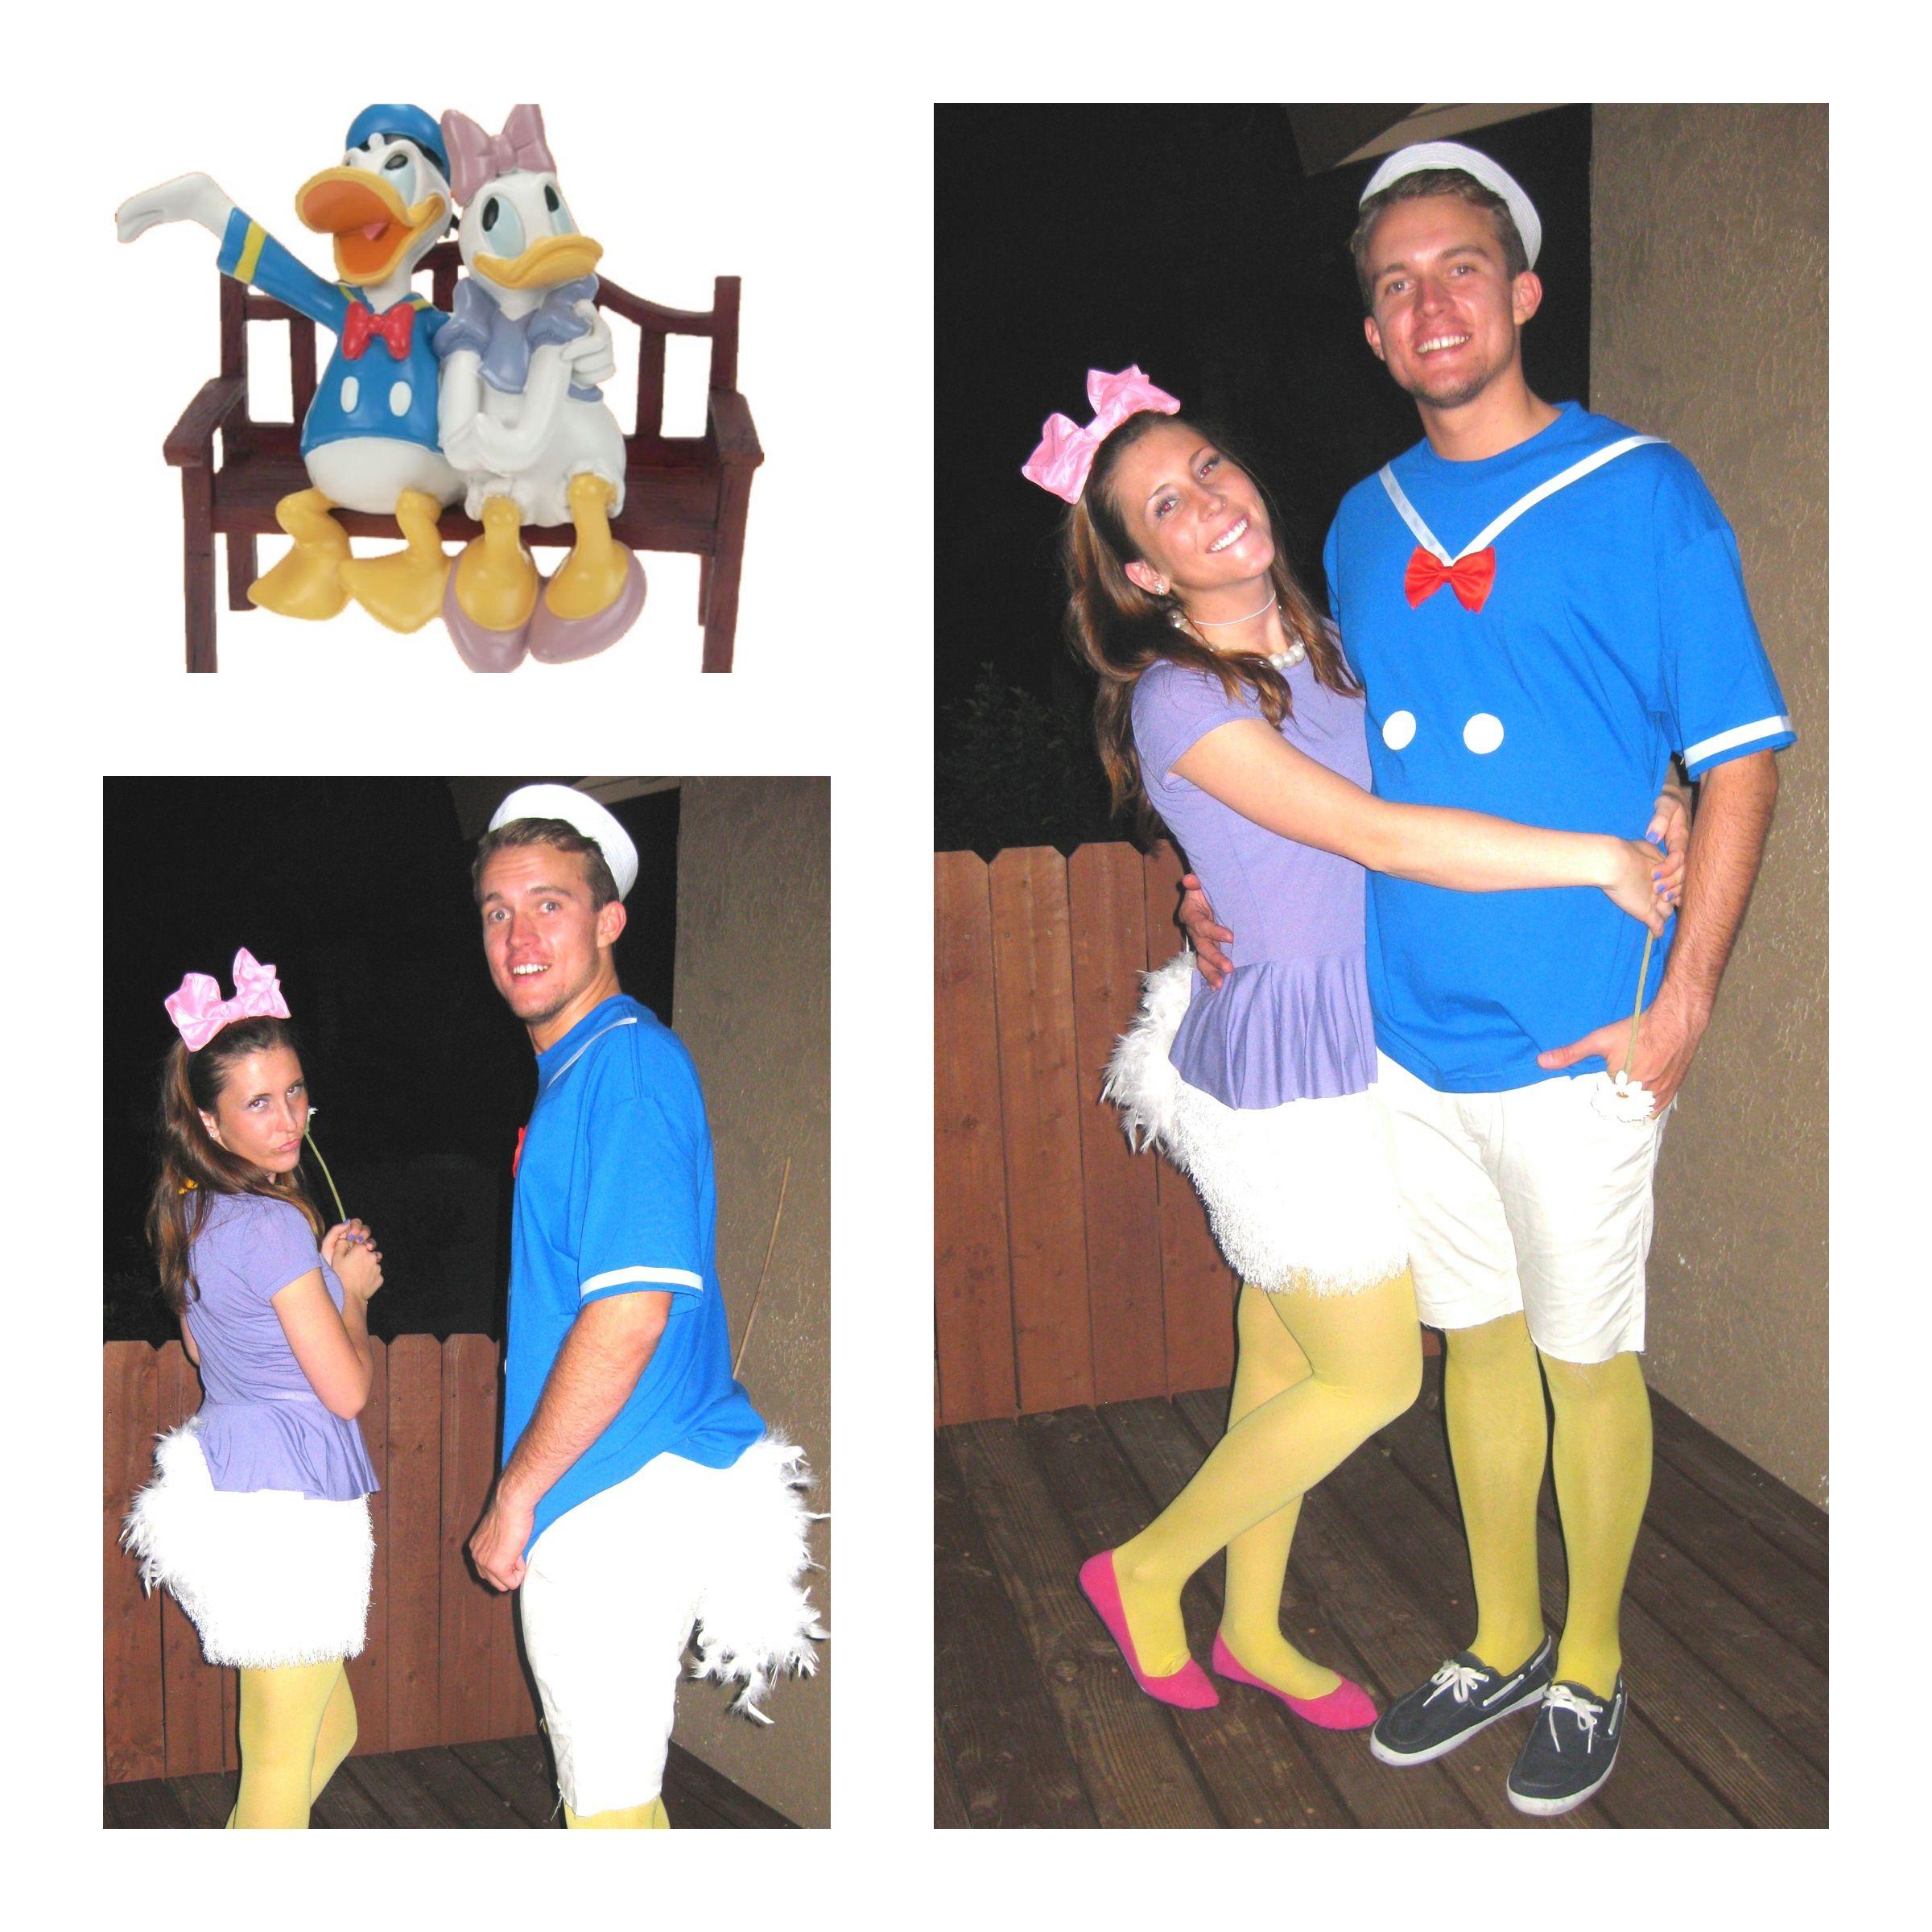 Homemade Disney Costume Ideas 17 Unique Diy Disney Couples Costumes Ideas For Halloween Gurlcom